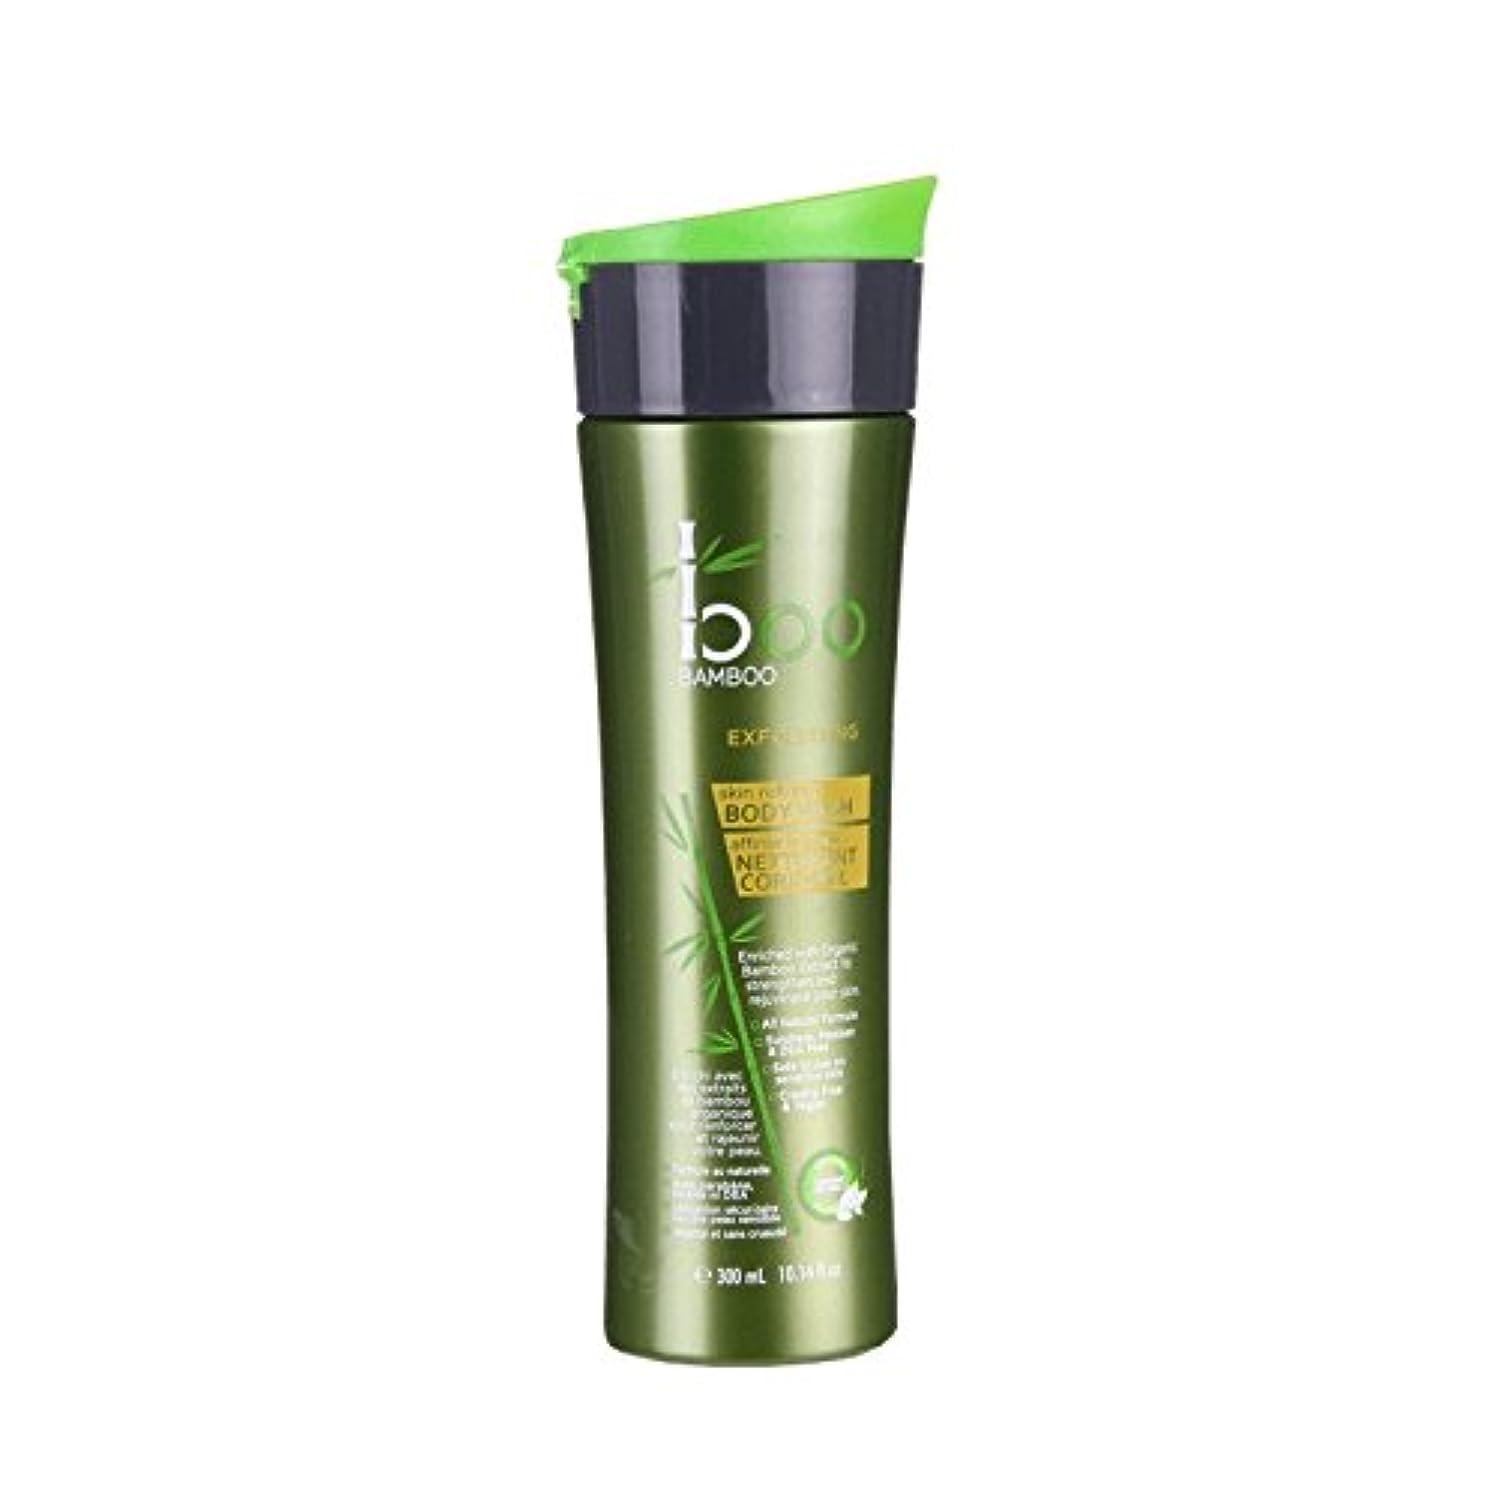 牽引シロクマ分離Boo Bamboo Exfoliating Body Wash 300ml (Pack of 2) - 竹ピーリングボディウォッシュ300ミリリットルブーイング (x2) [並行輸入品]